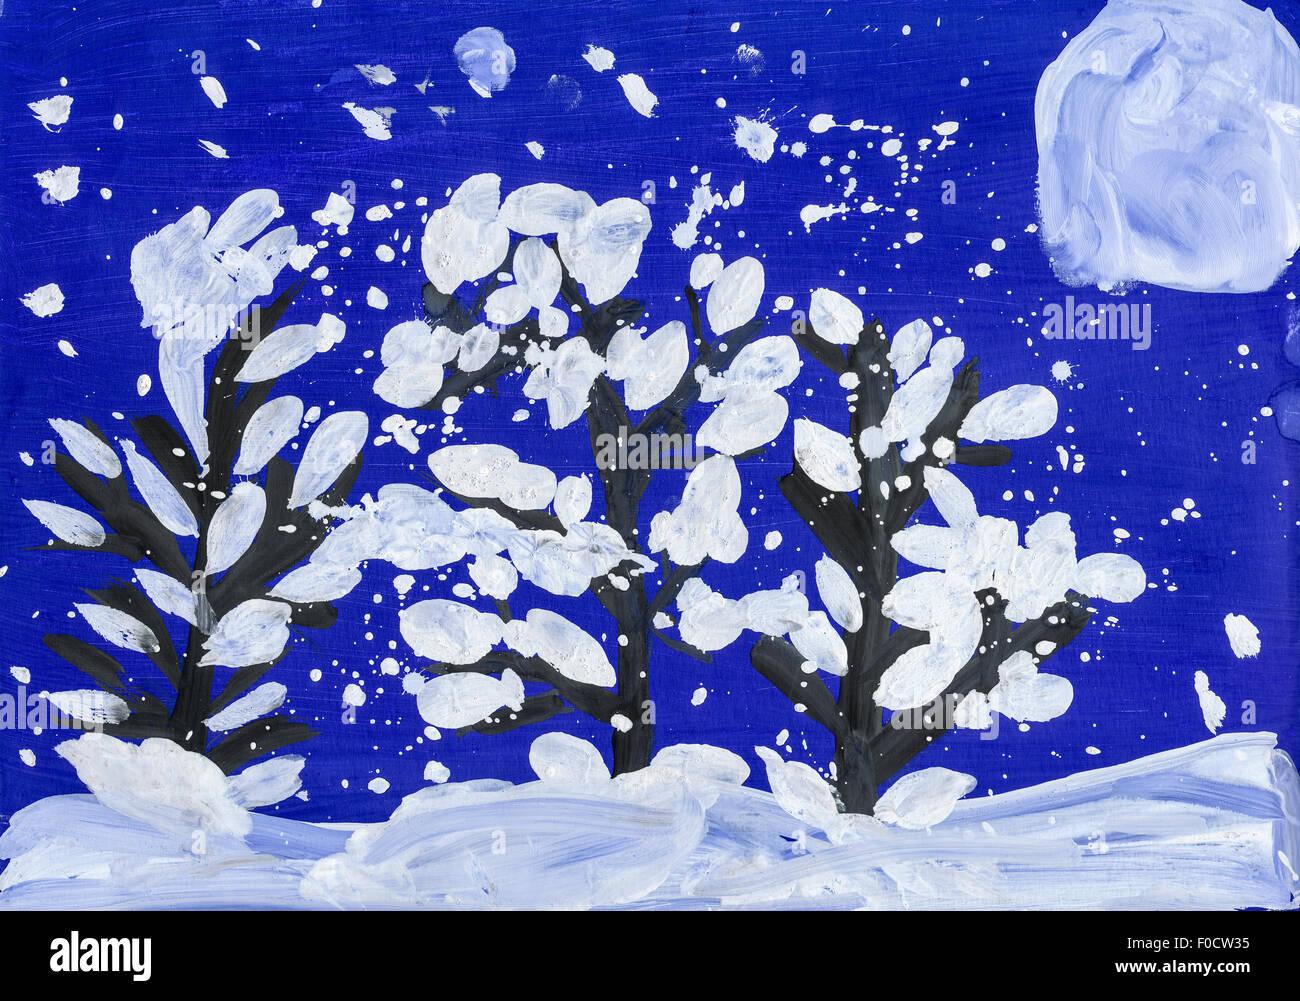 La Nuit De Noel Dans La Foret Avec La Pleine Lune Dessin De L